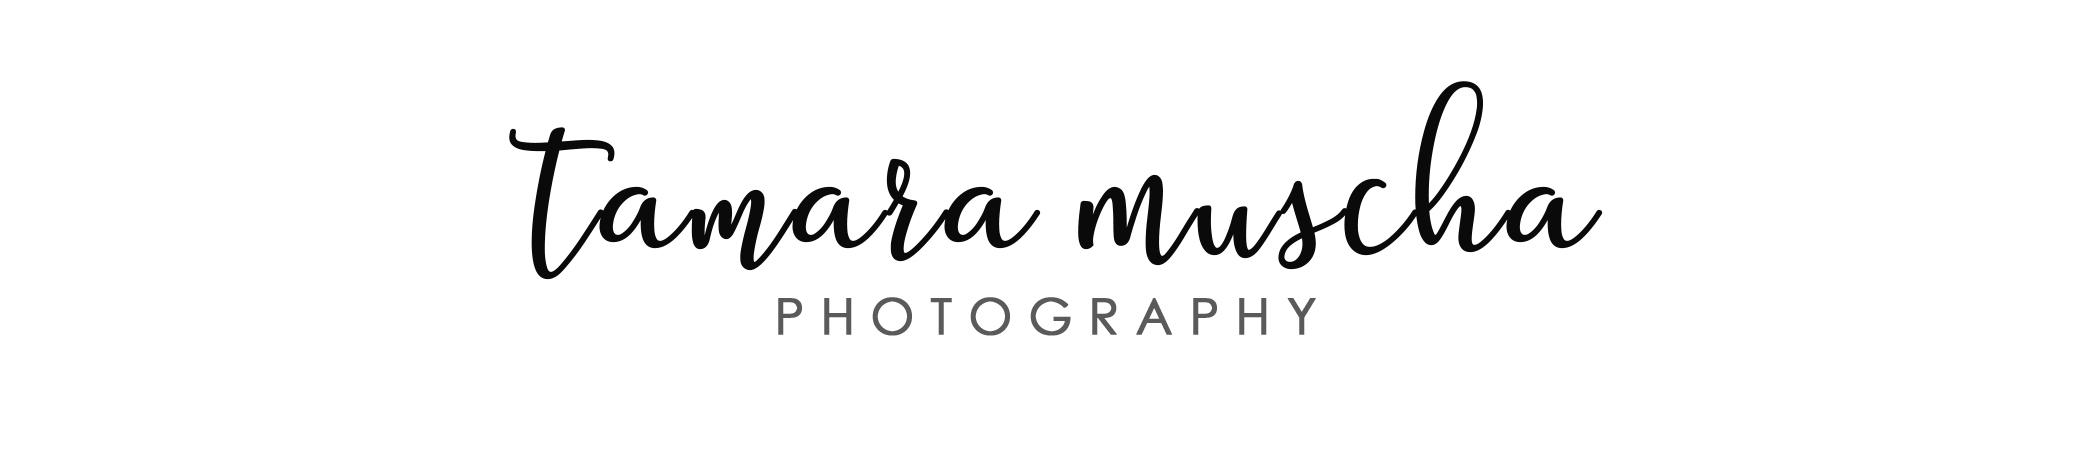 Tamara Muscha Photography